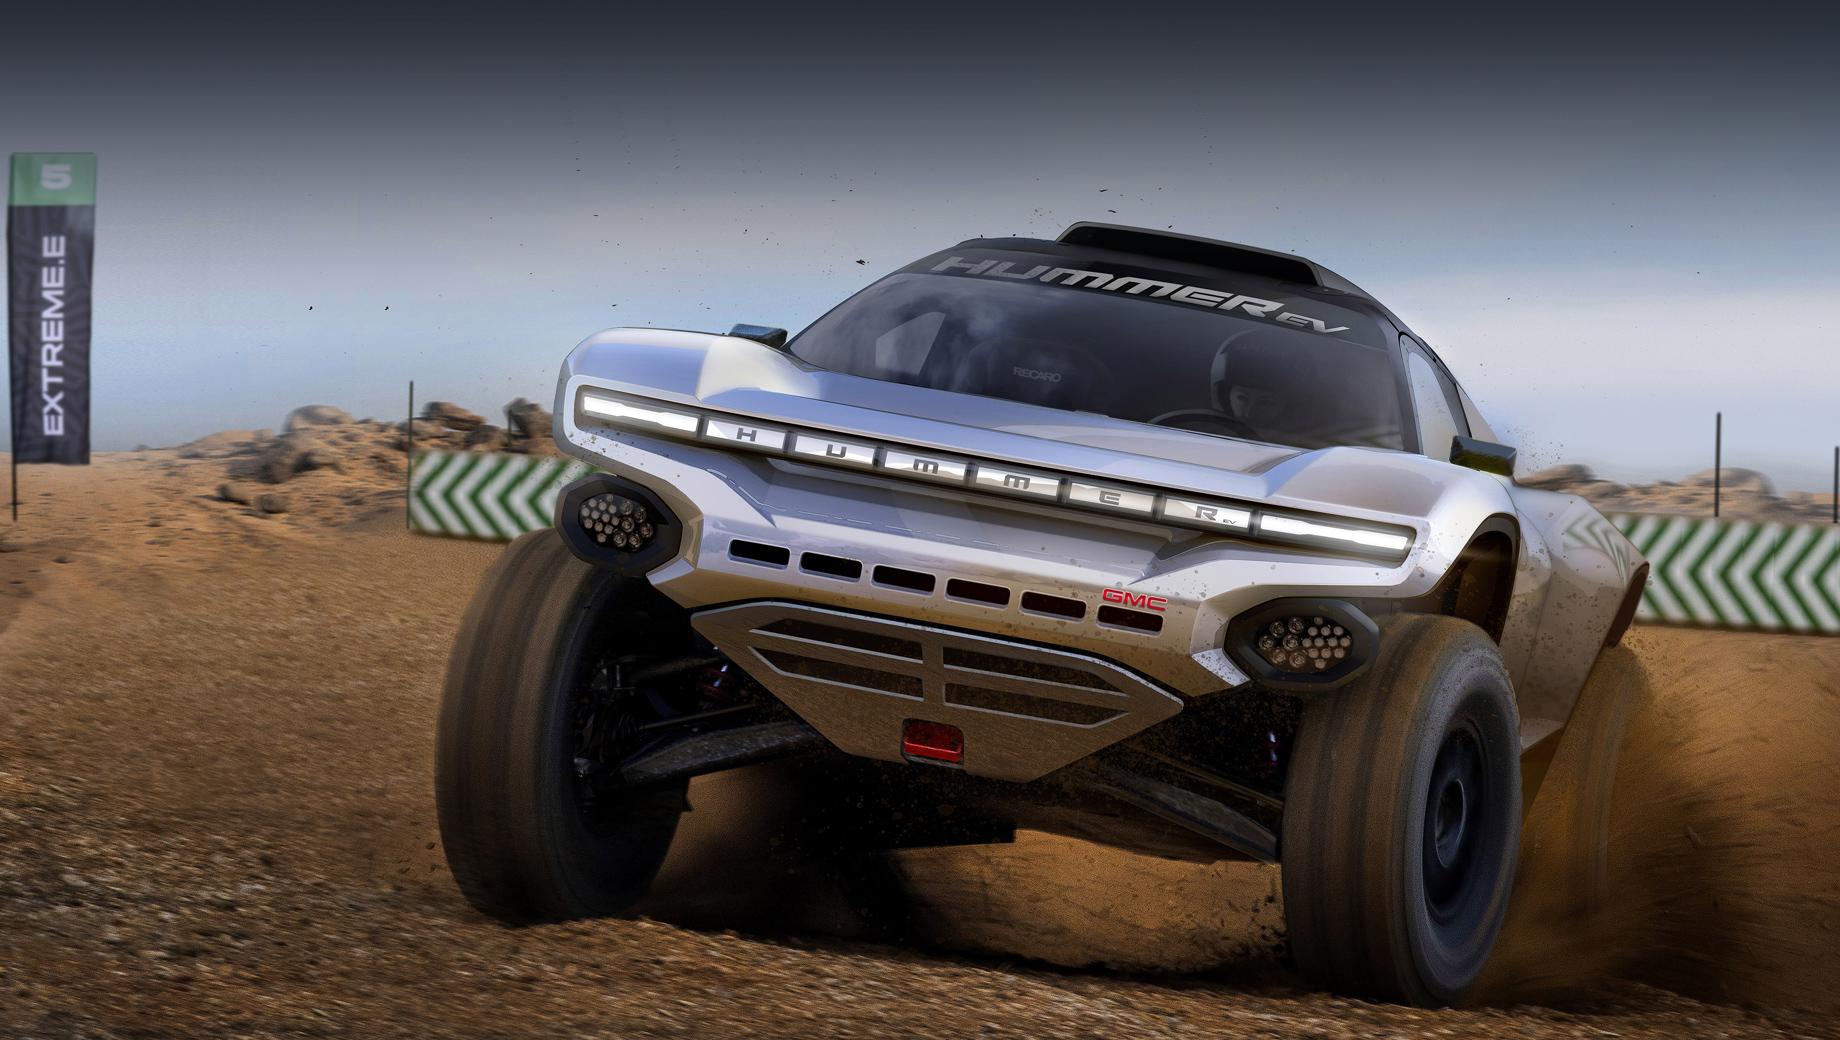 Марка GMC пришла в чемпионат внедорожников Extreme E